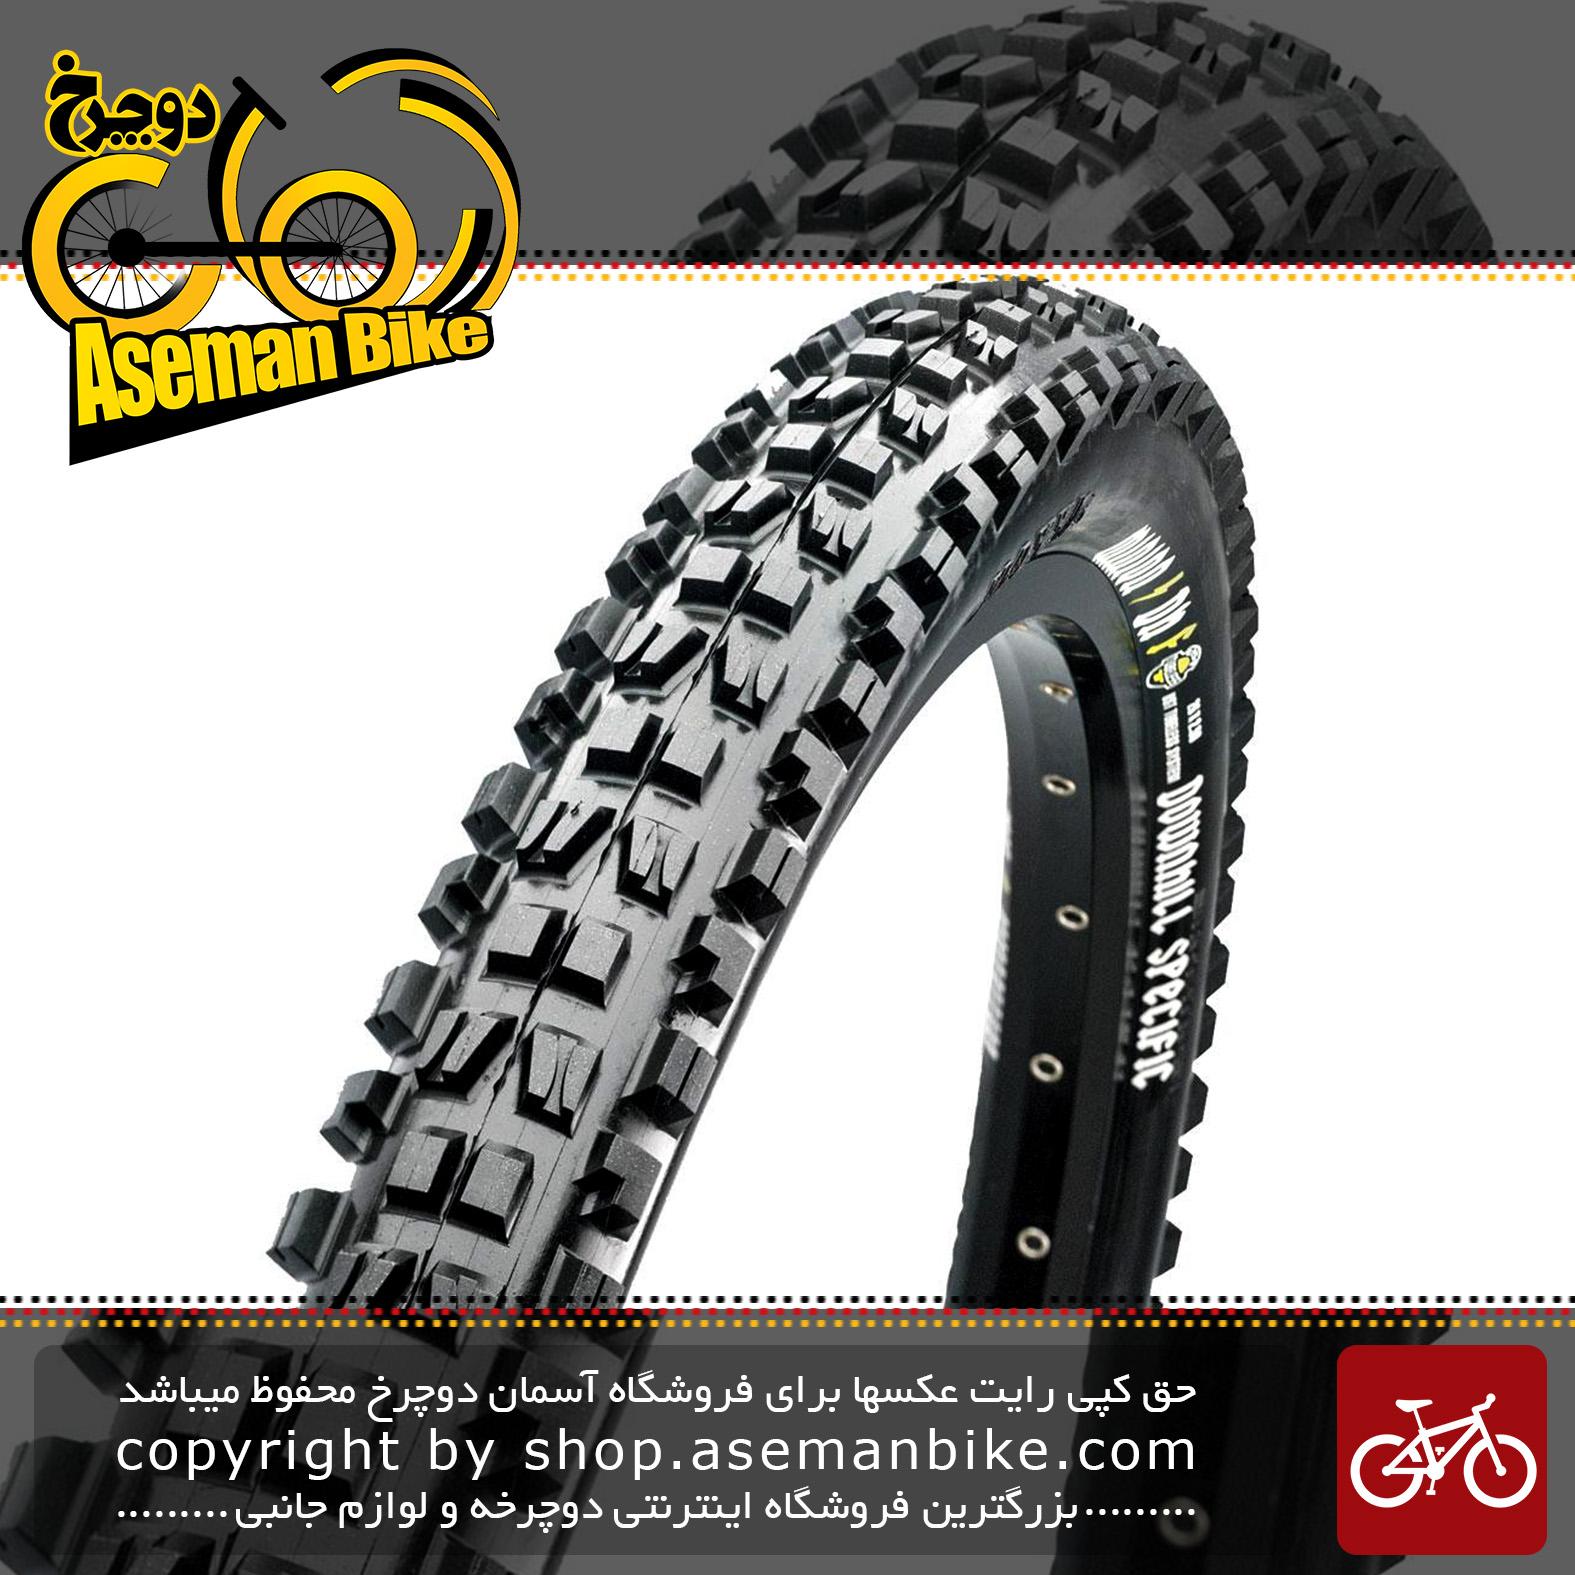 لاستیک دوچرخه دانهیل ماکسیس مدل مینیون دی اچ اف سوپر ترکی سایز 26 در 2.7 Maxxis Tire Bicycle Minion DHF 26x2.7